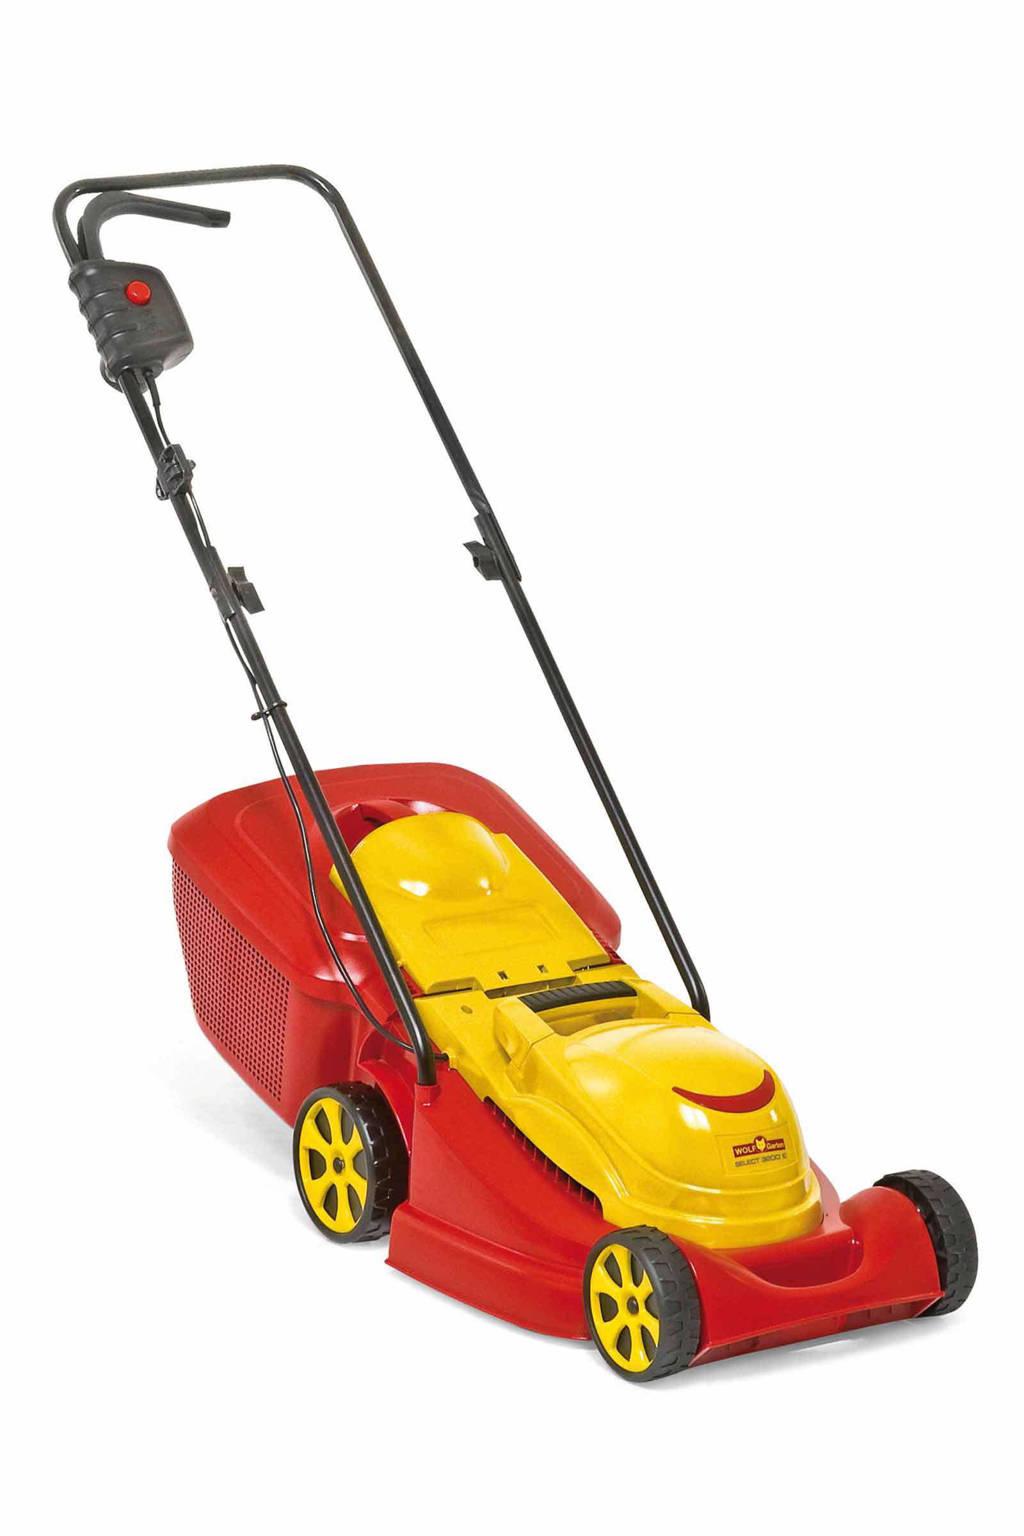 WOLF-Garten S 3200 E elektrische grasmaaier